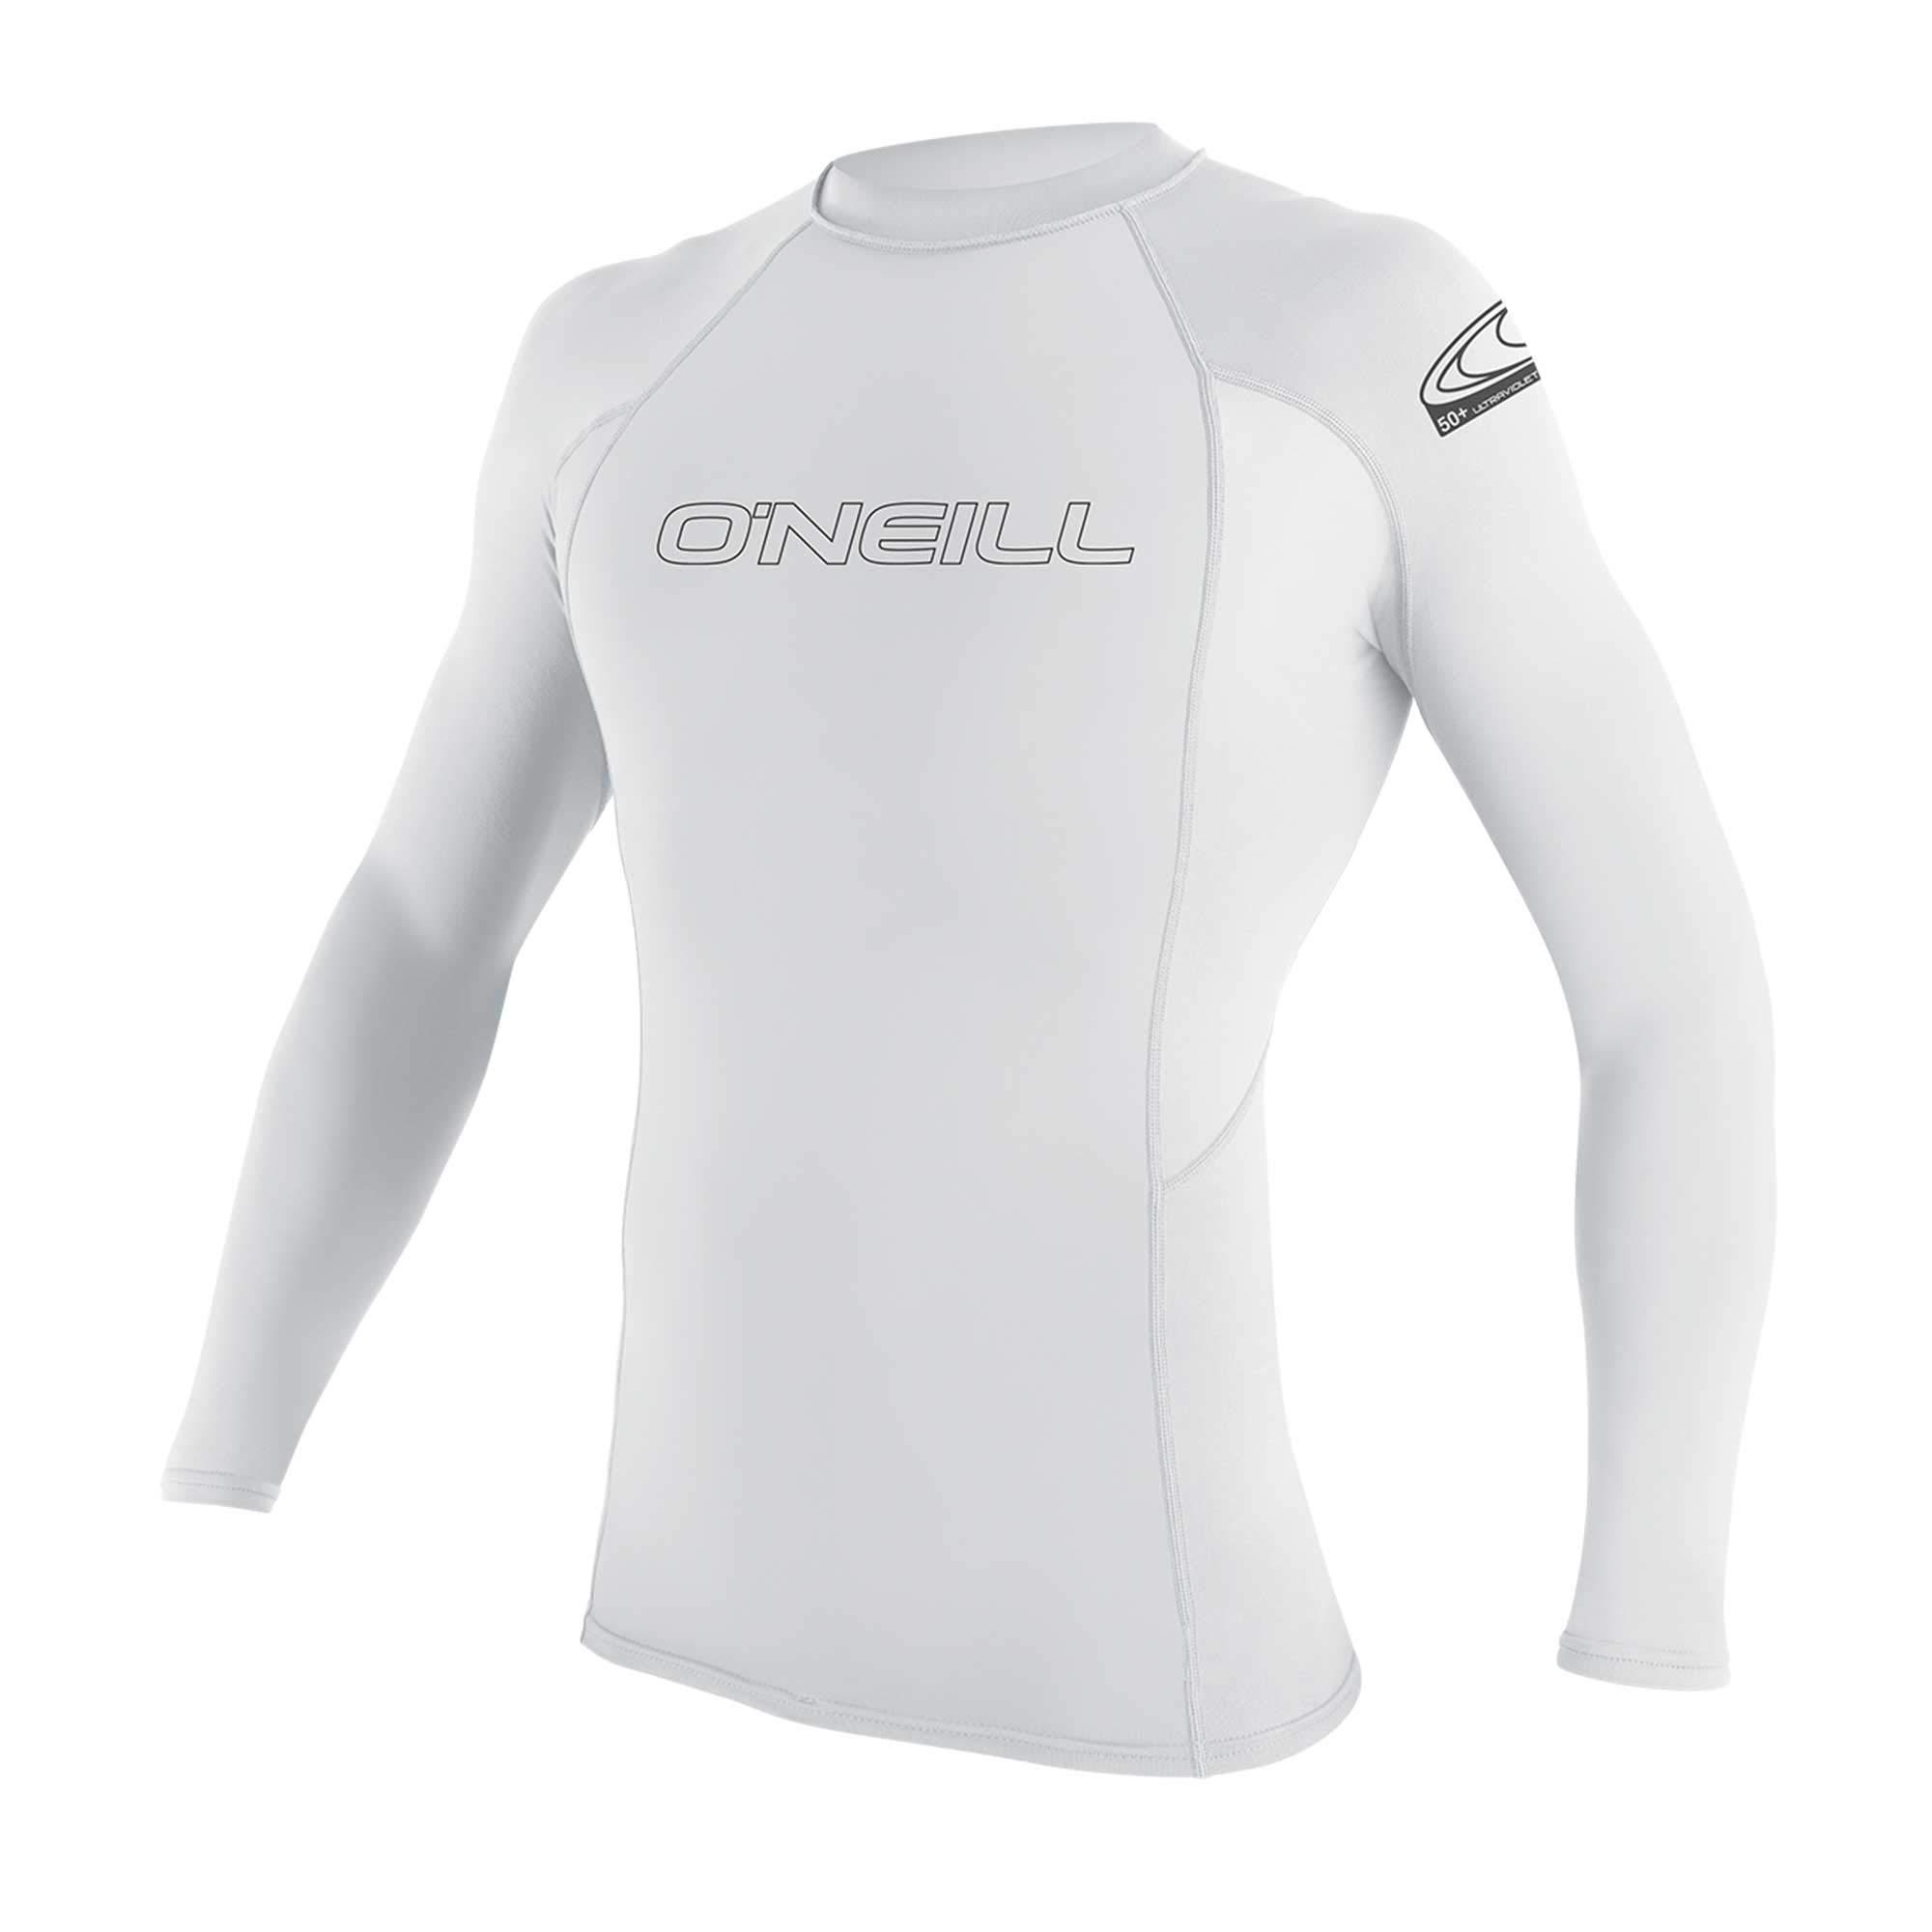 O'Neill Men's Basic Skins UPF 50+ Long Sleeve